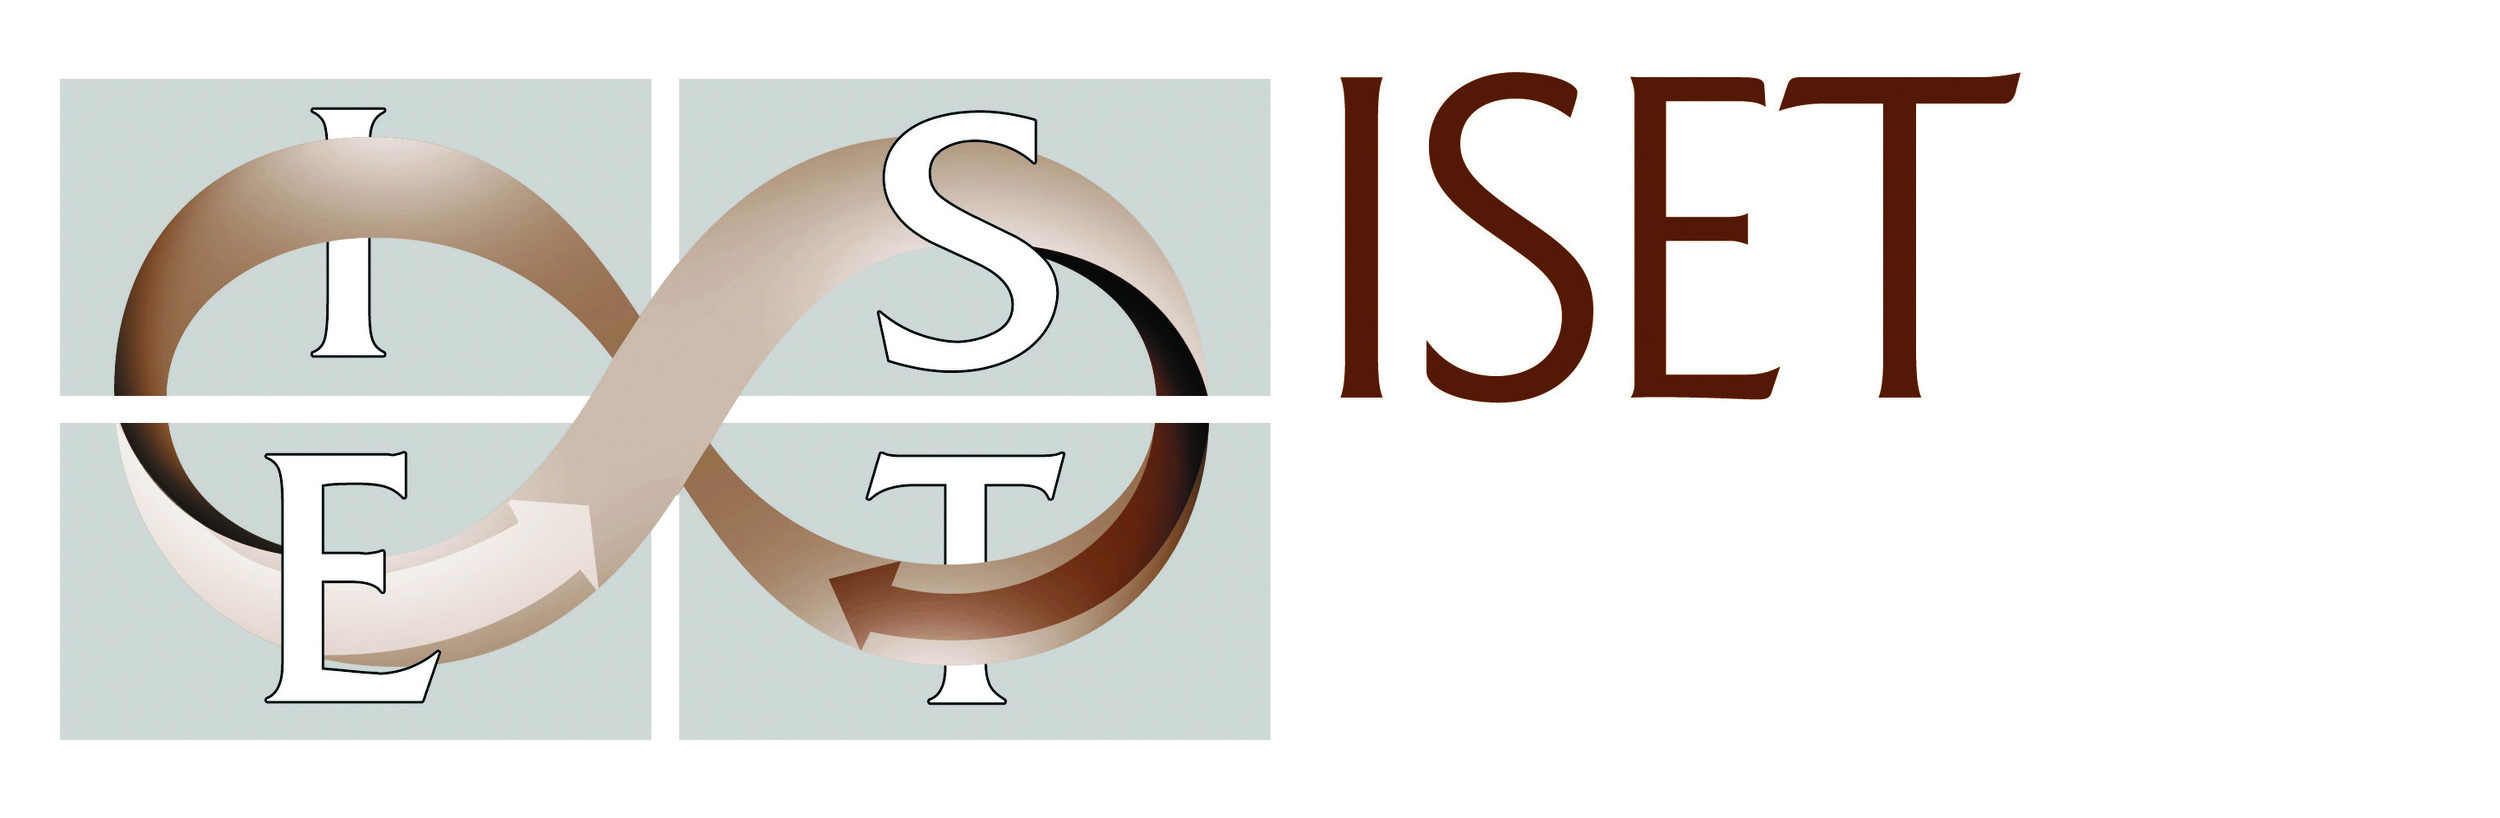 ISET+Logo_05.jpg